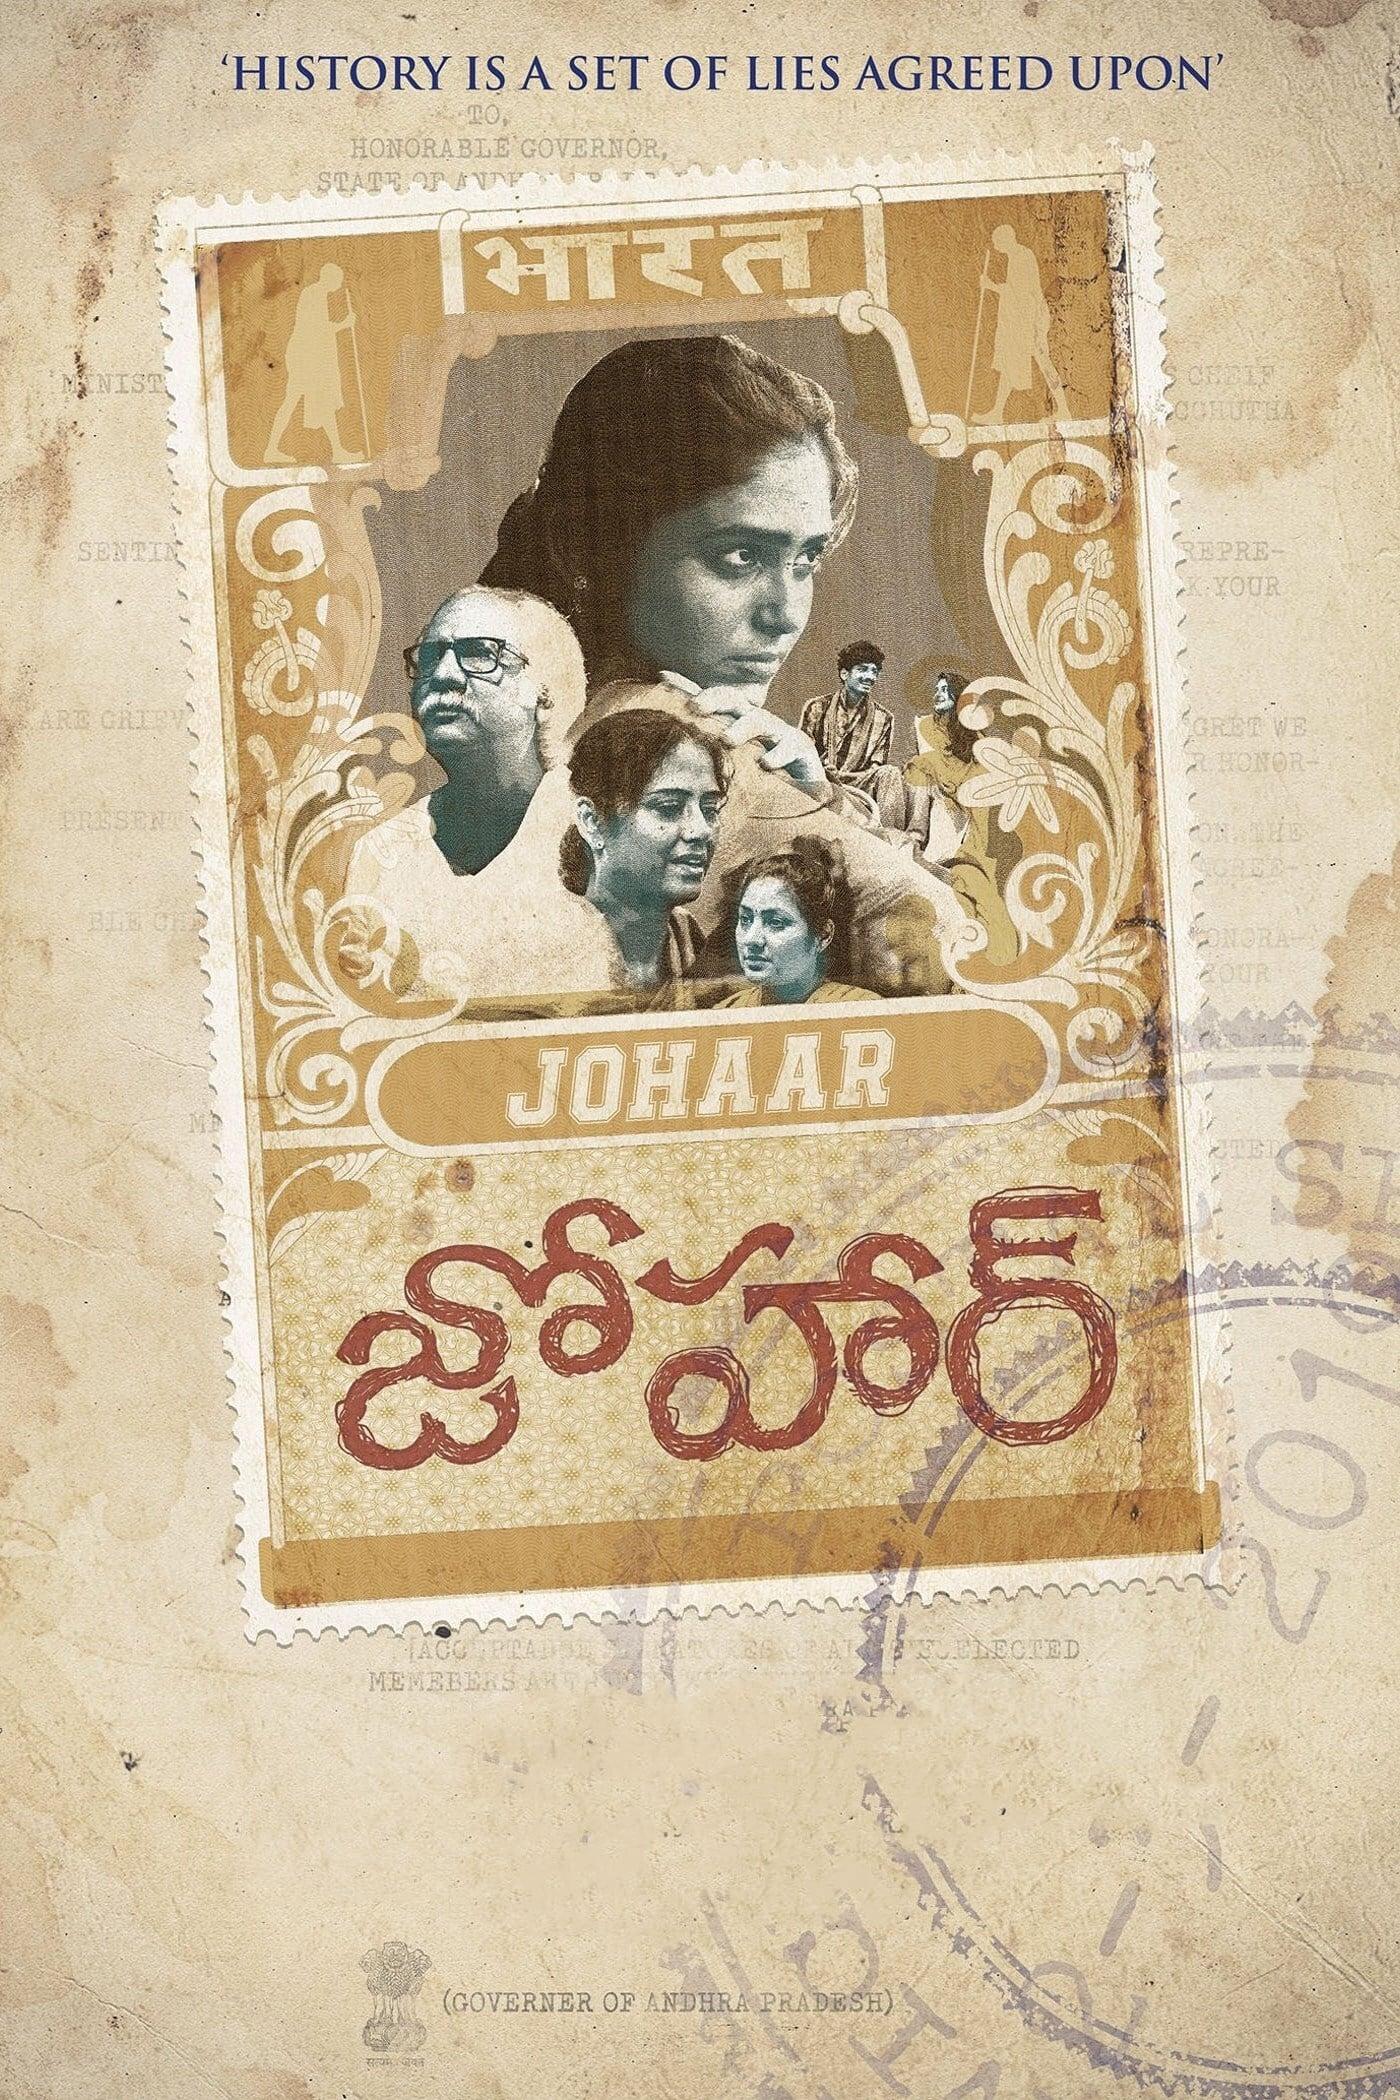 Johaar